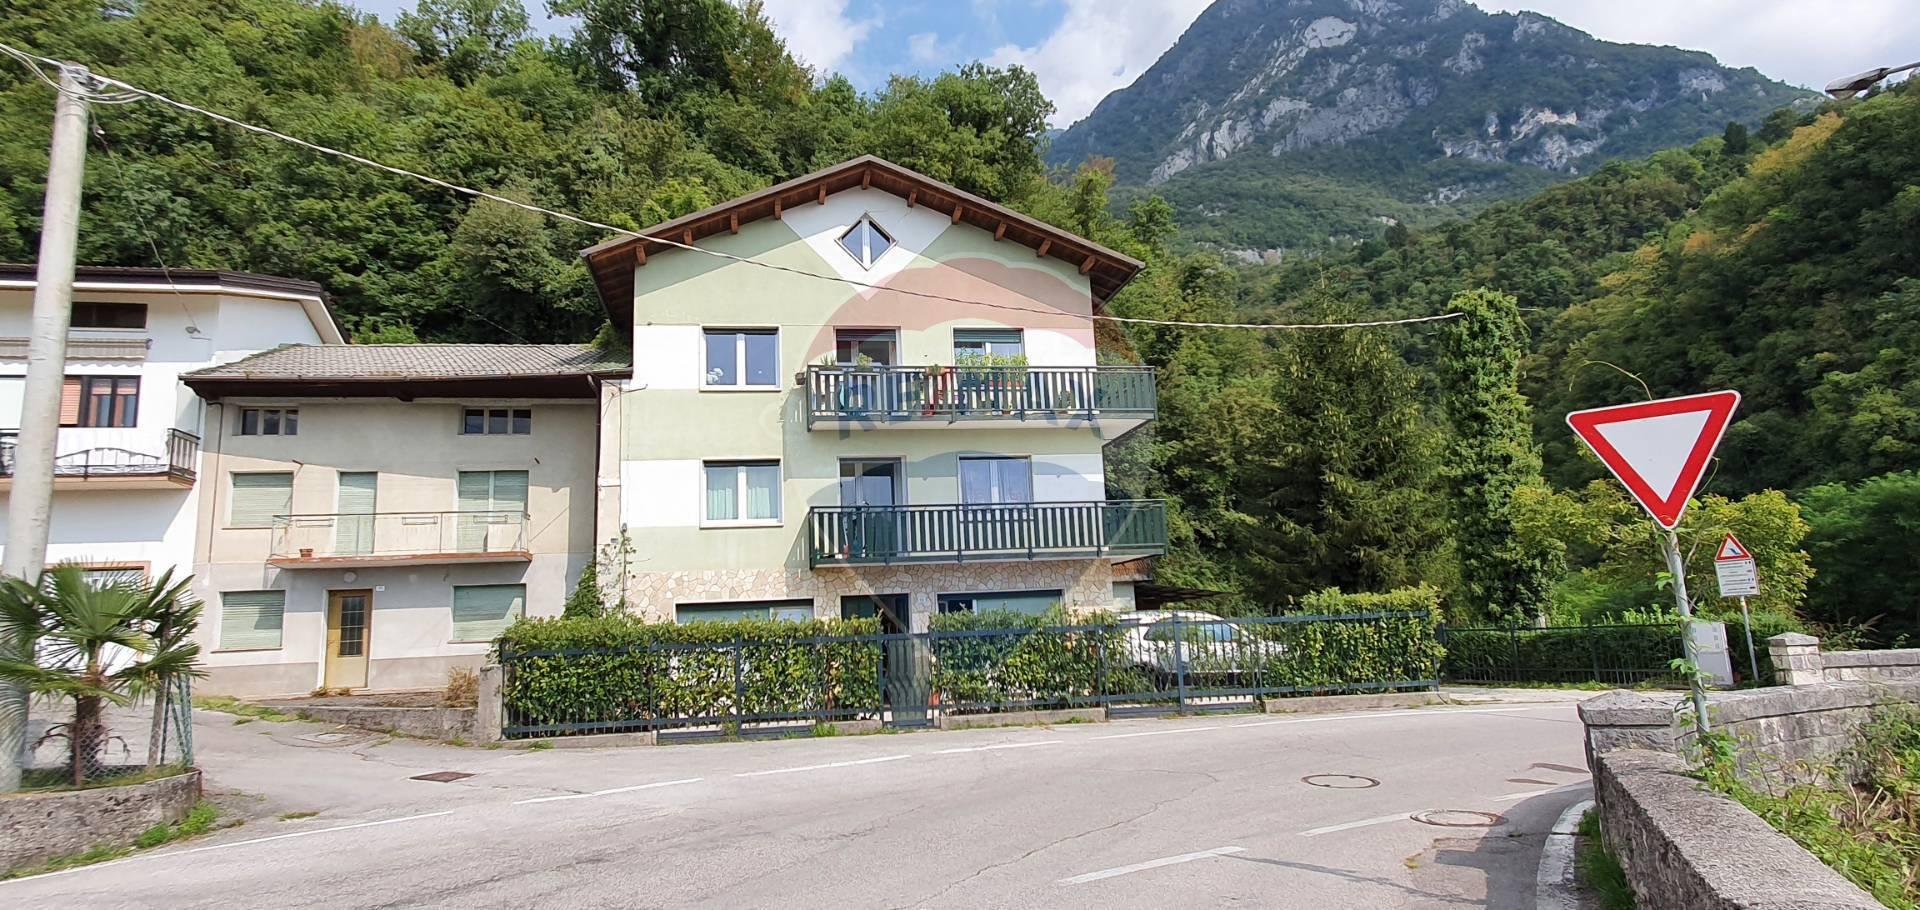 Appartamento in vendita a Sospirolo, 5 locali, zona Zona: Mis, prezzo € 95.000 | CambioCasa.it